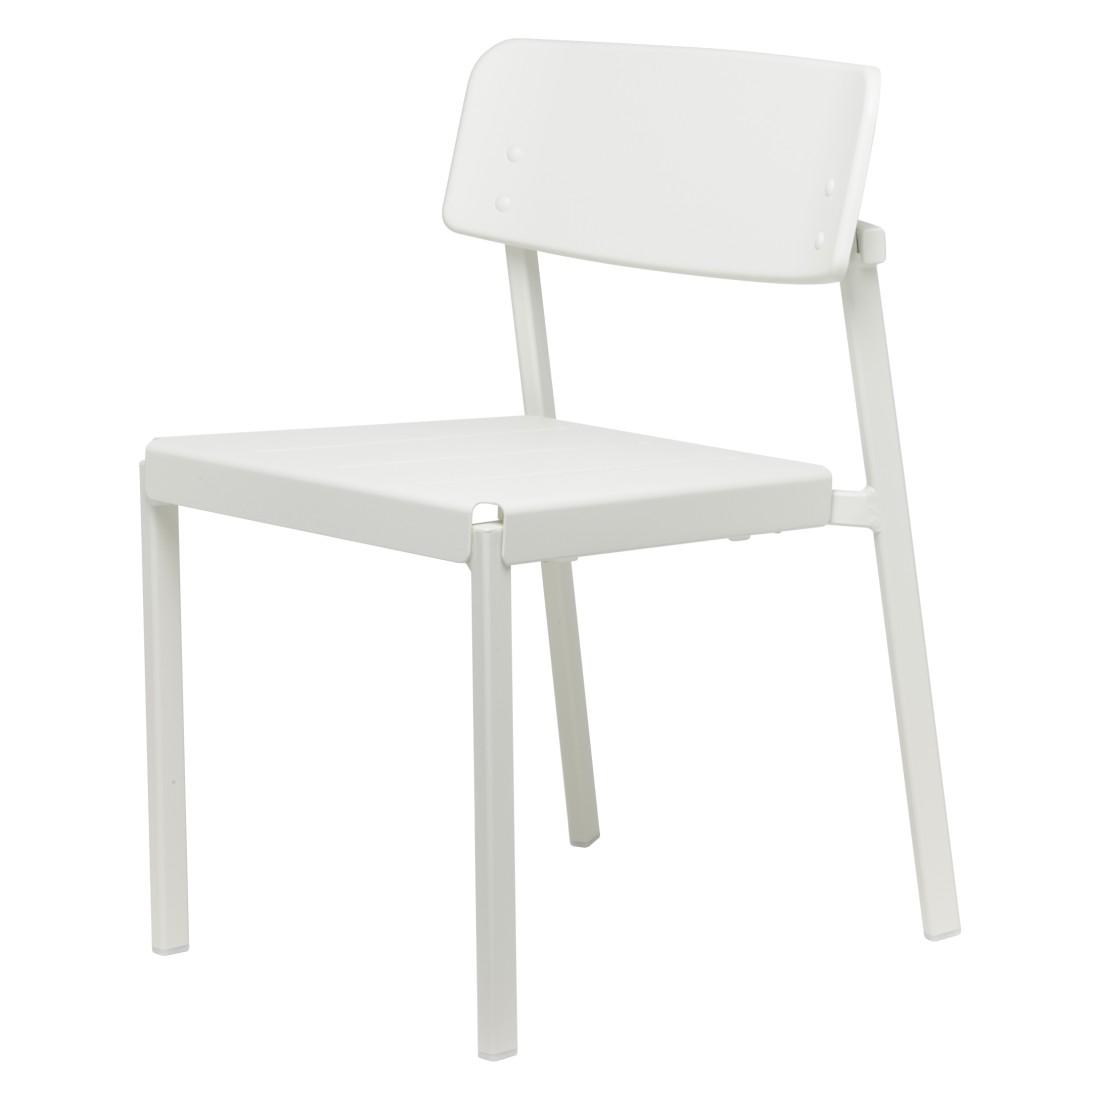 Stuhl Shine - Aluminium Pulverbeschichtet Weiß, Emu